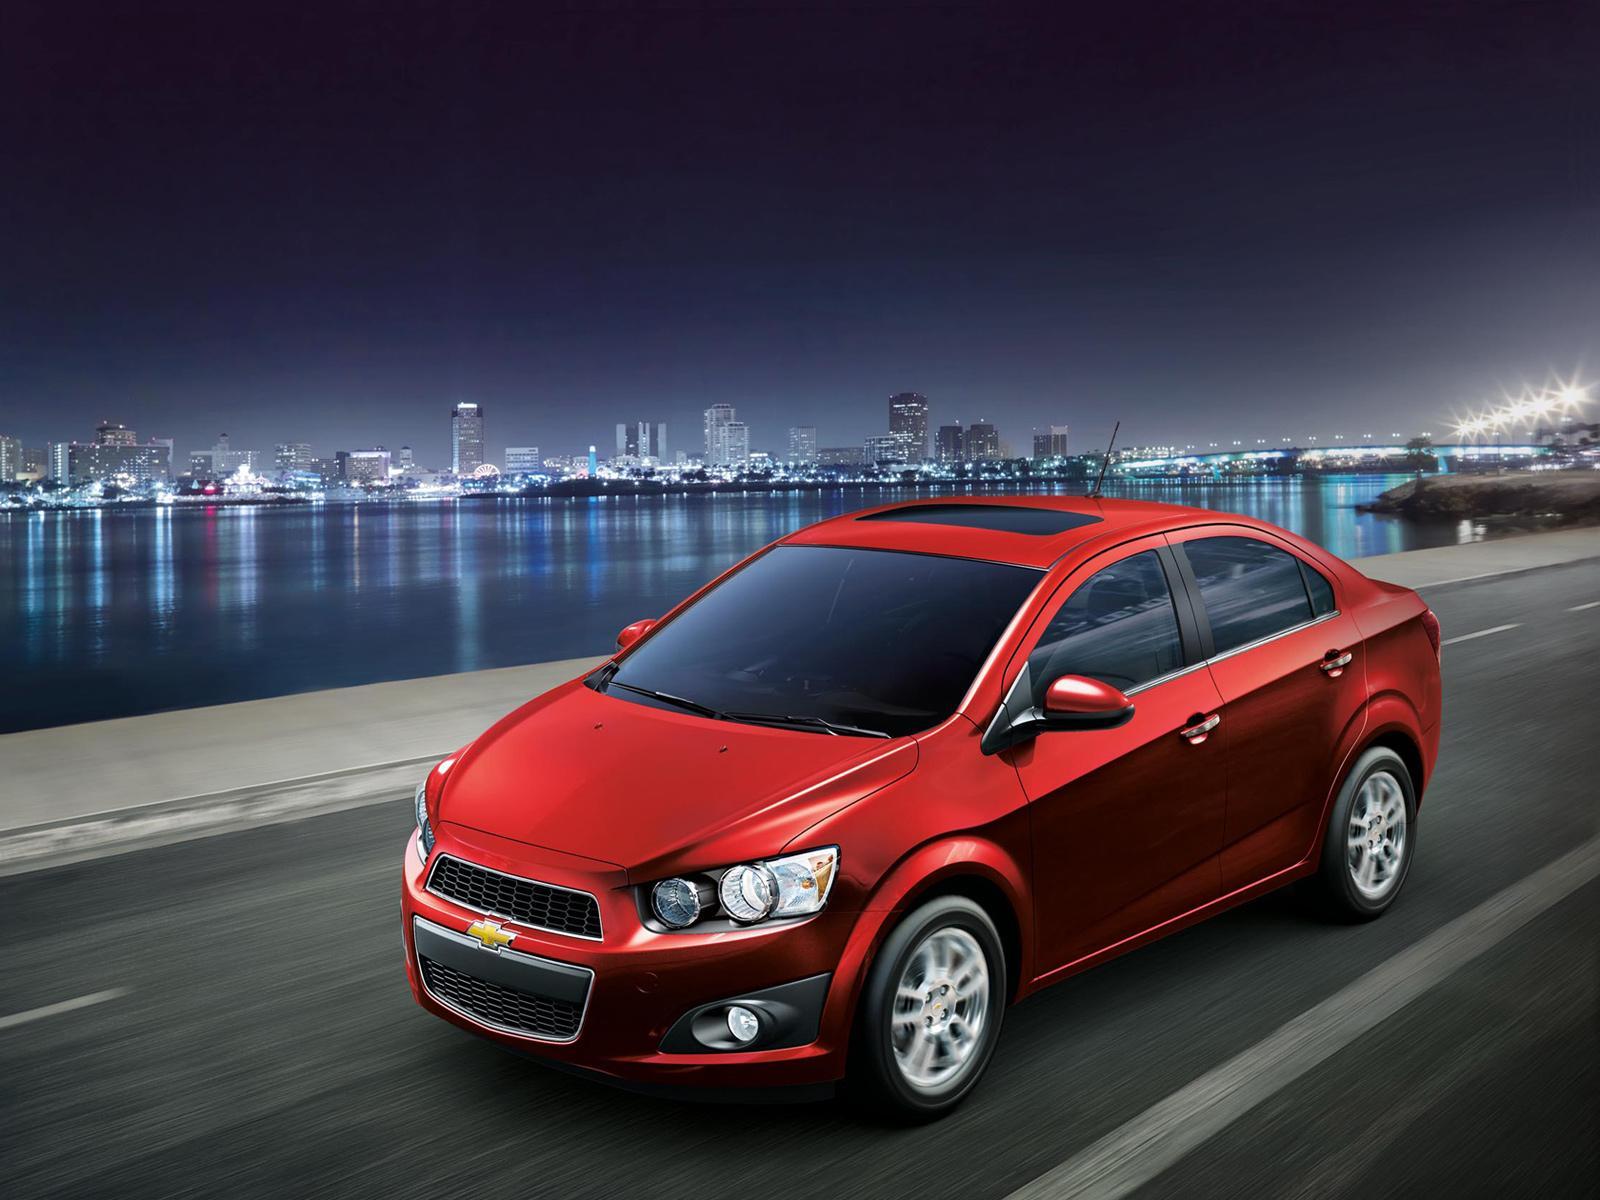 El Chevrolet Sonic 2012 fue presentado en sociedad ...